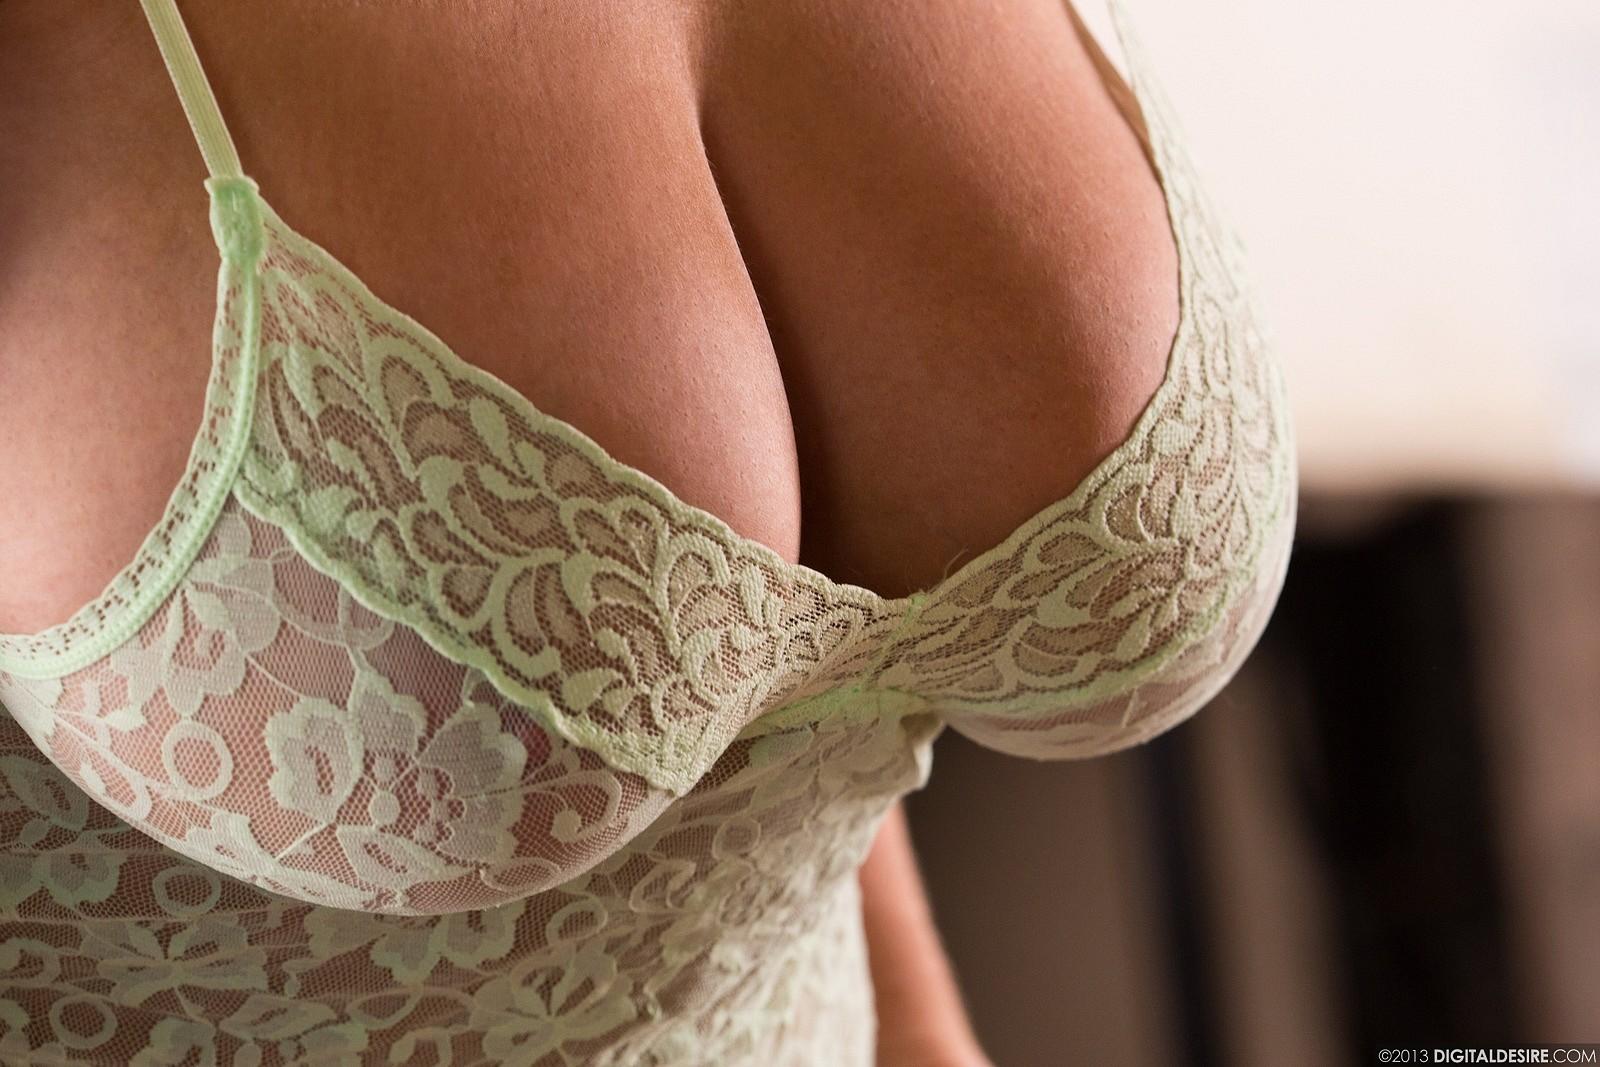 большая женская грудь в эротичном лифчике фото без лица